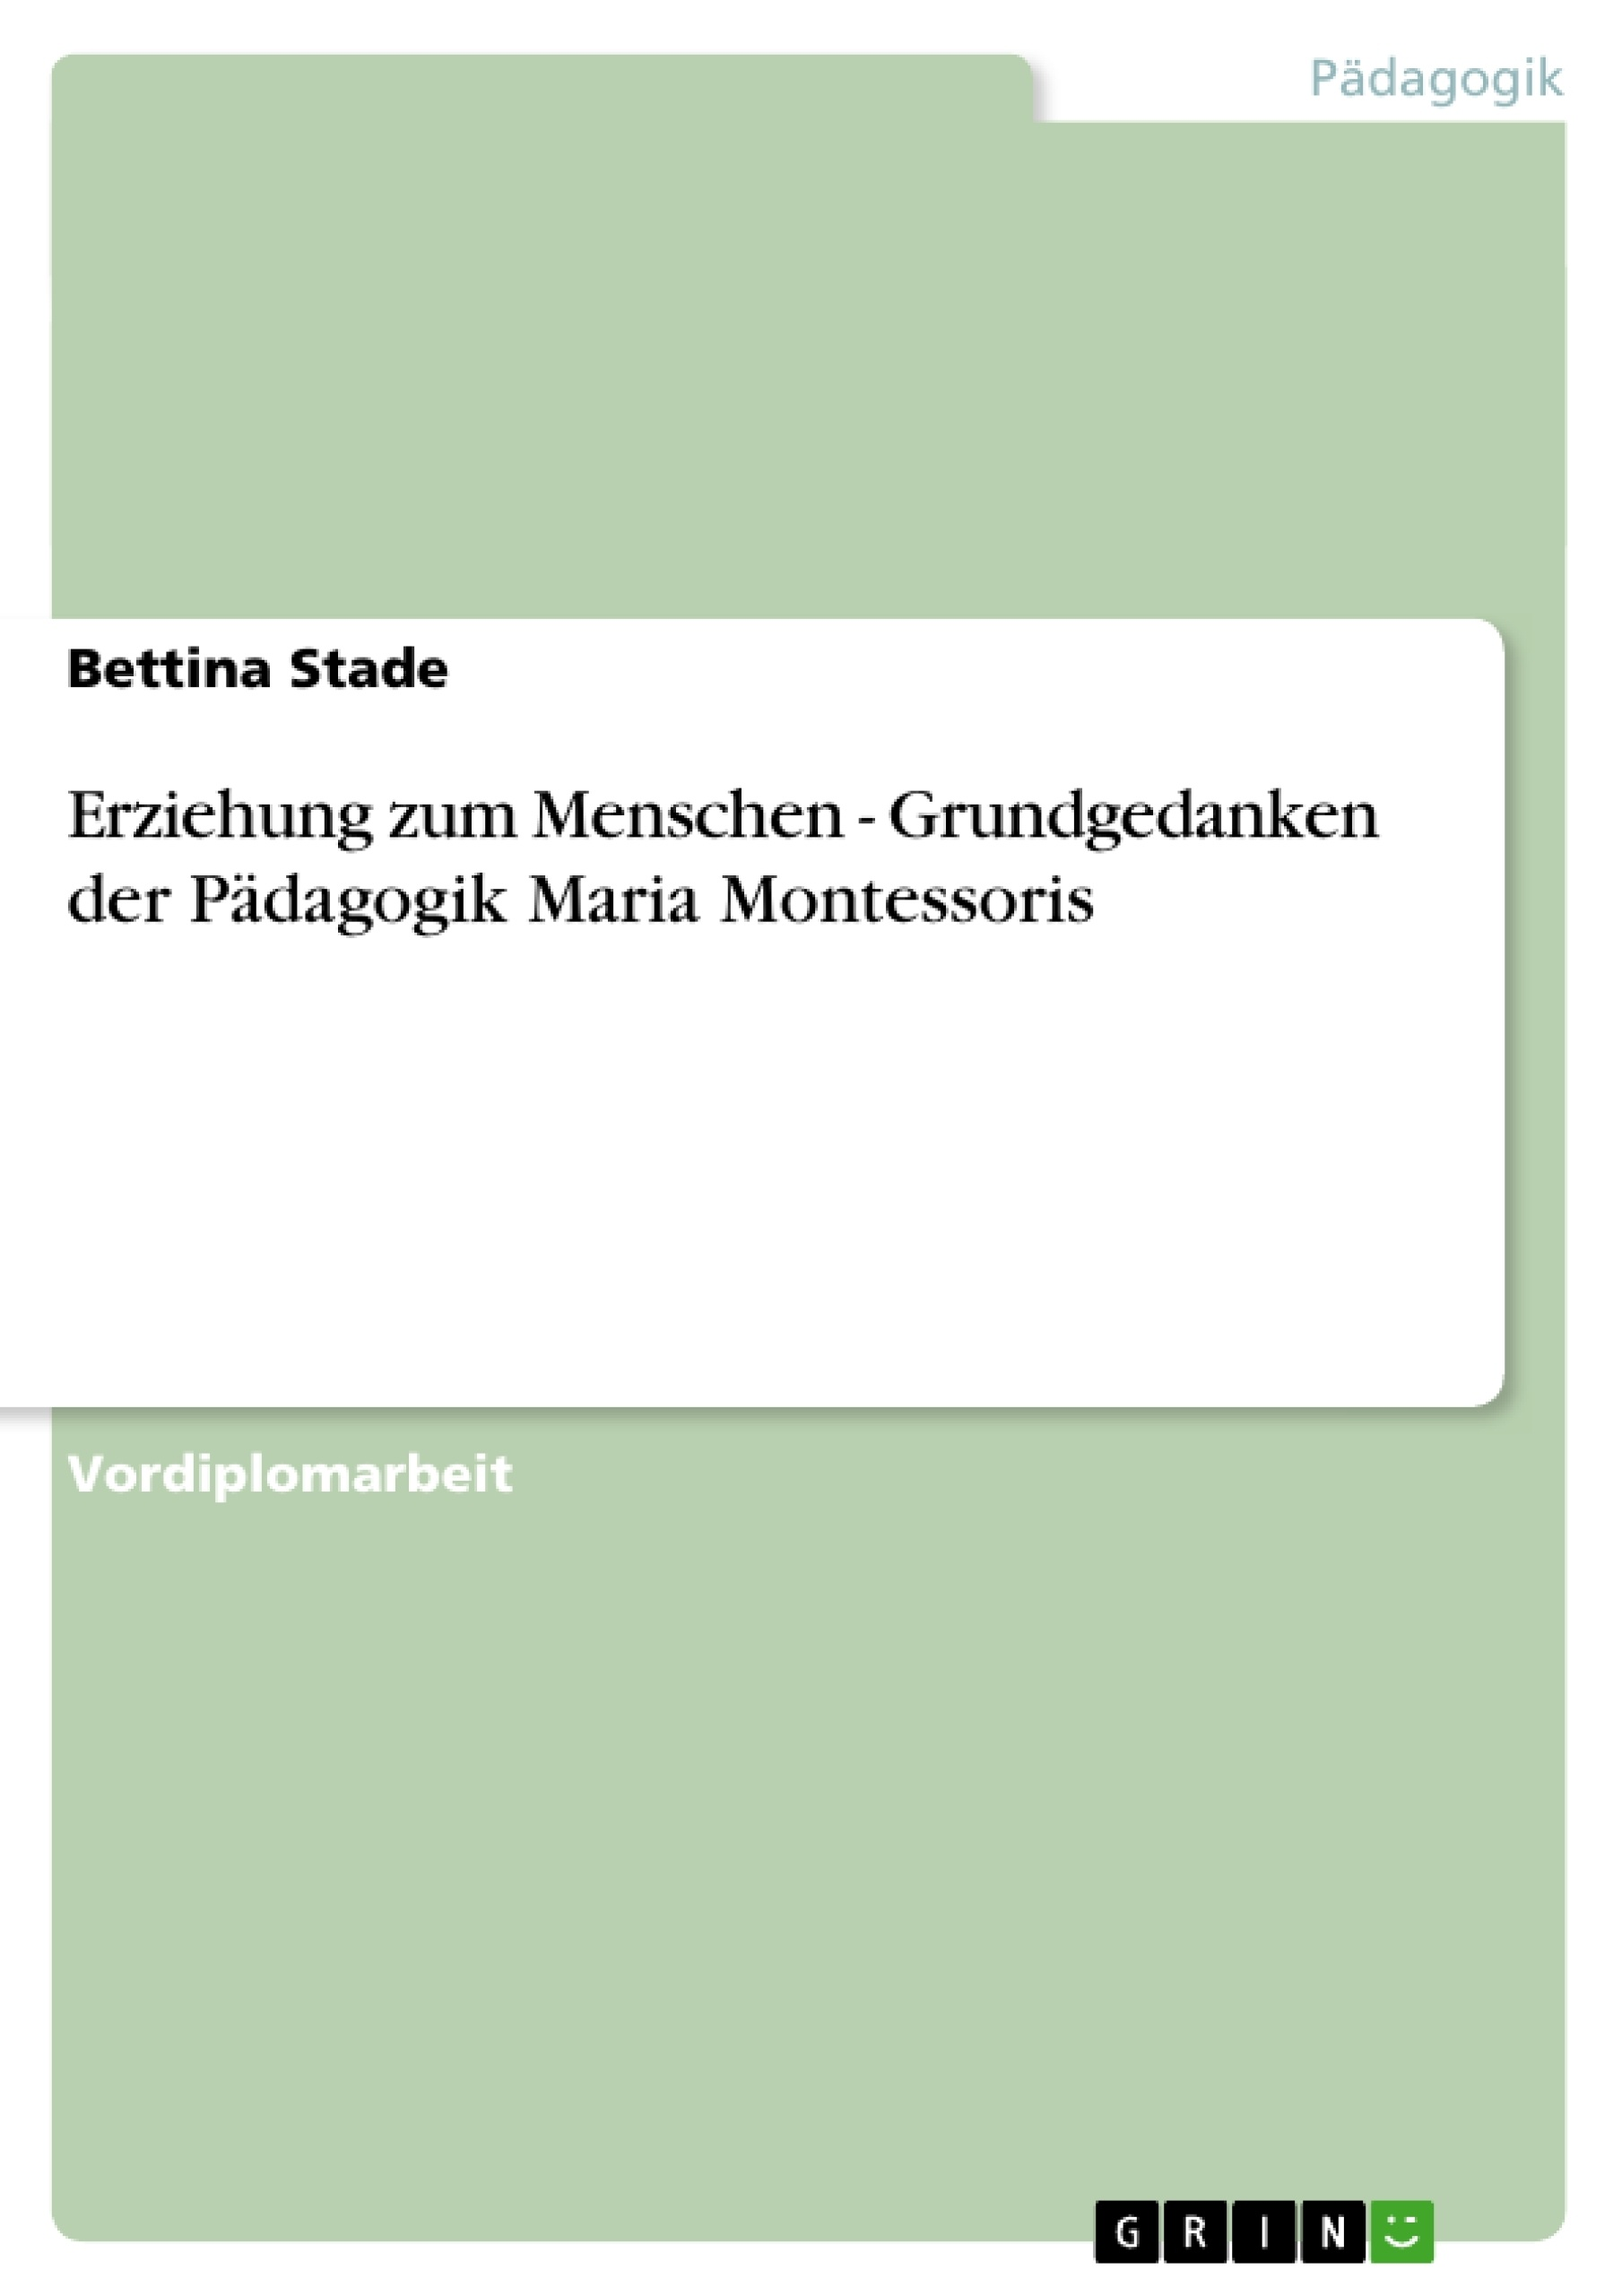 Titel: Erziehung zum Menschen - Grundgedanken der Pädagogik Maria Montessoris